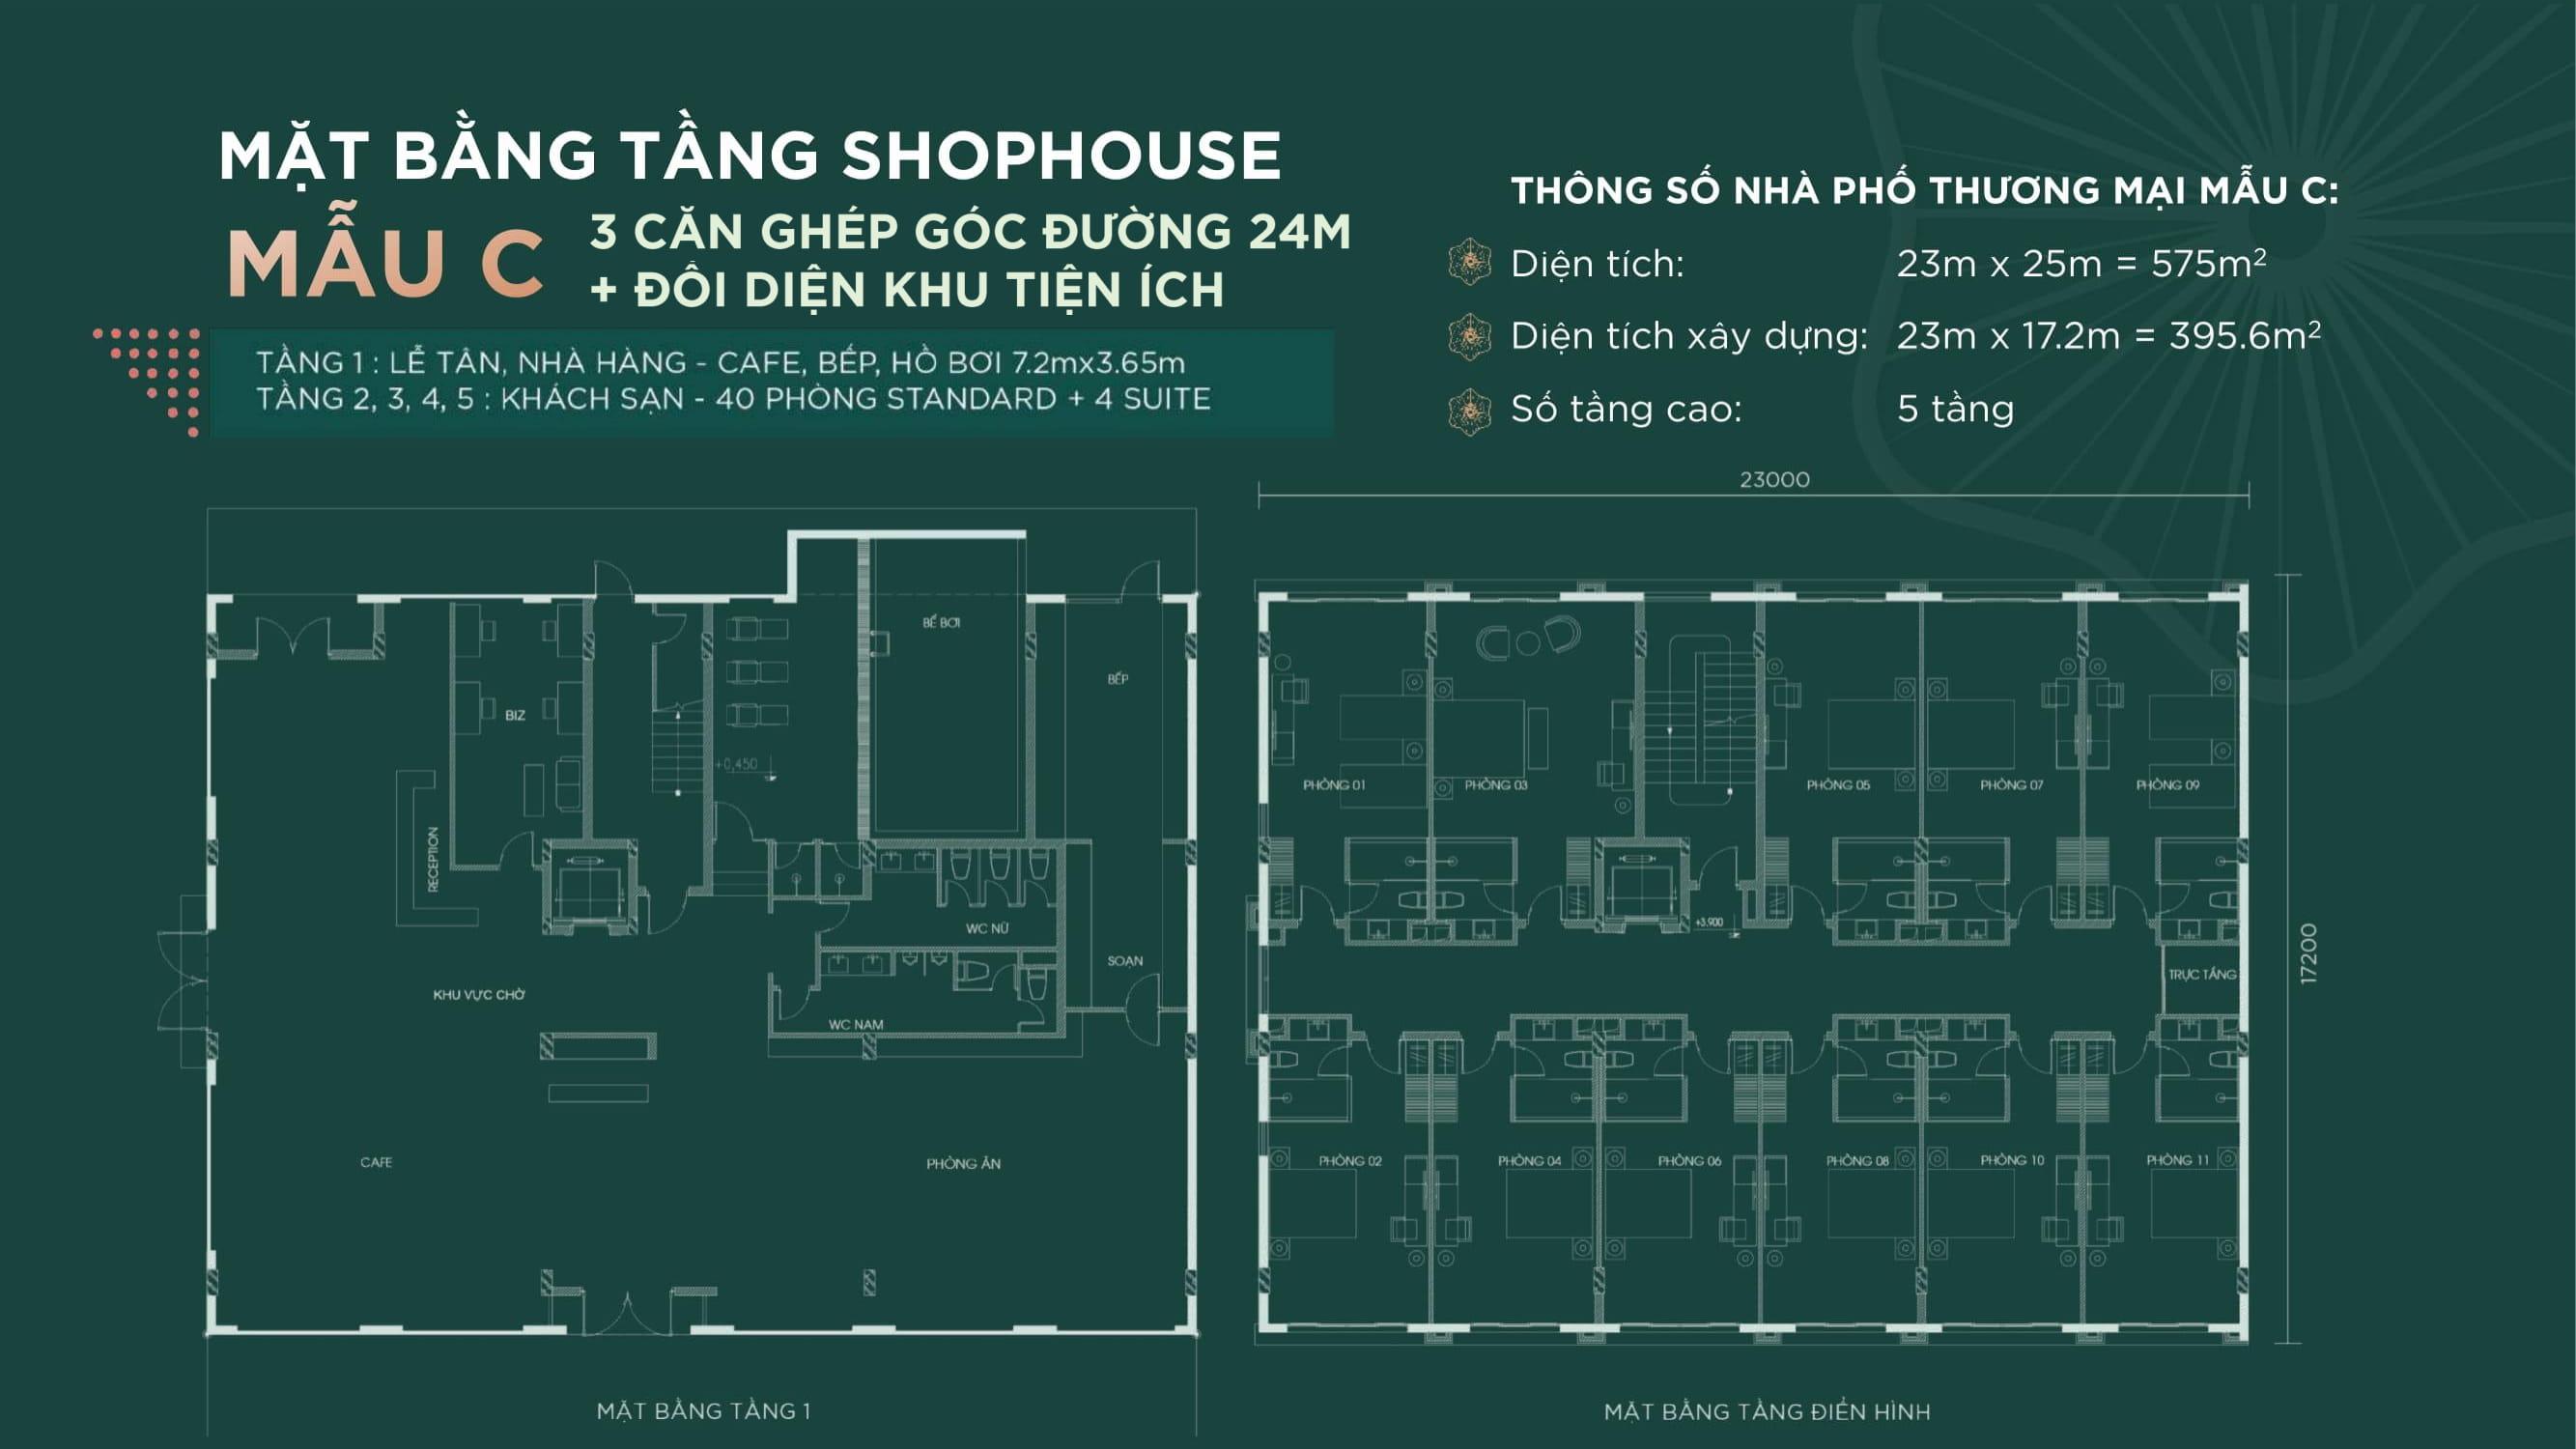 Mặt Bằng C  Shophouse Sim De Maison